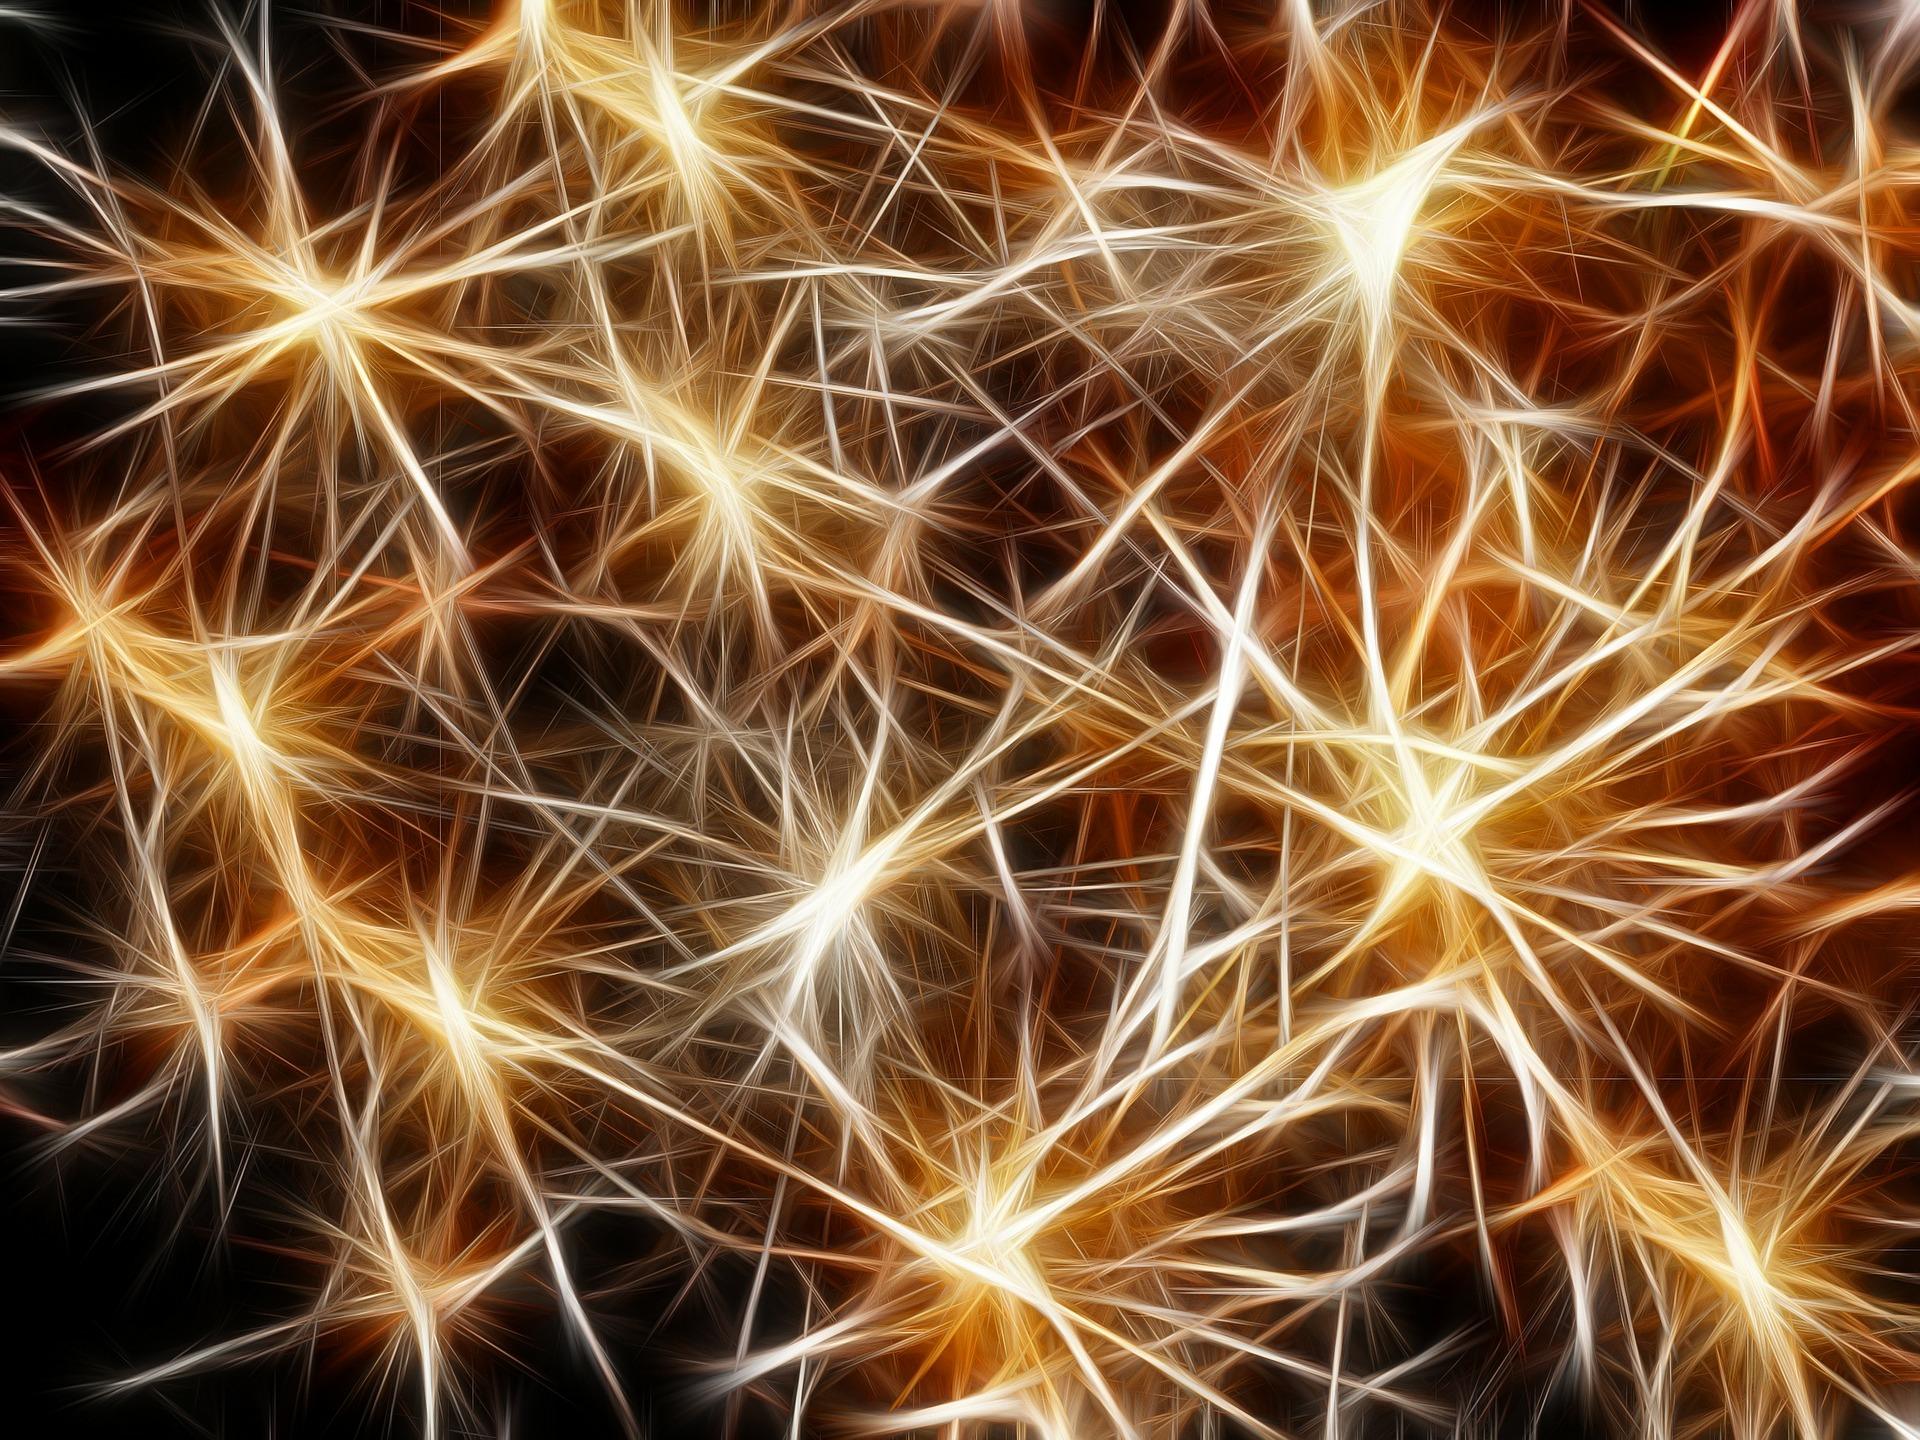 neuron star.jpg